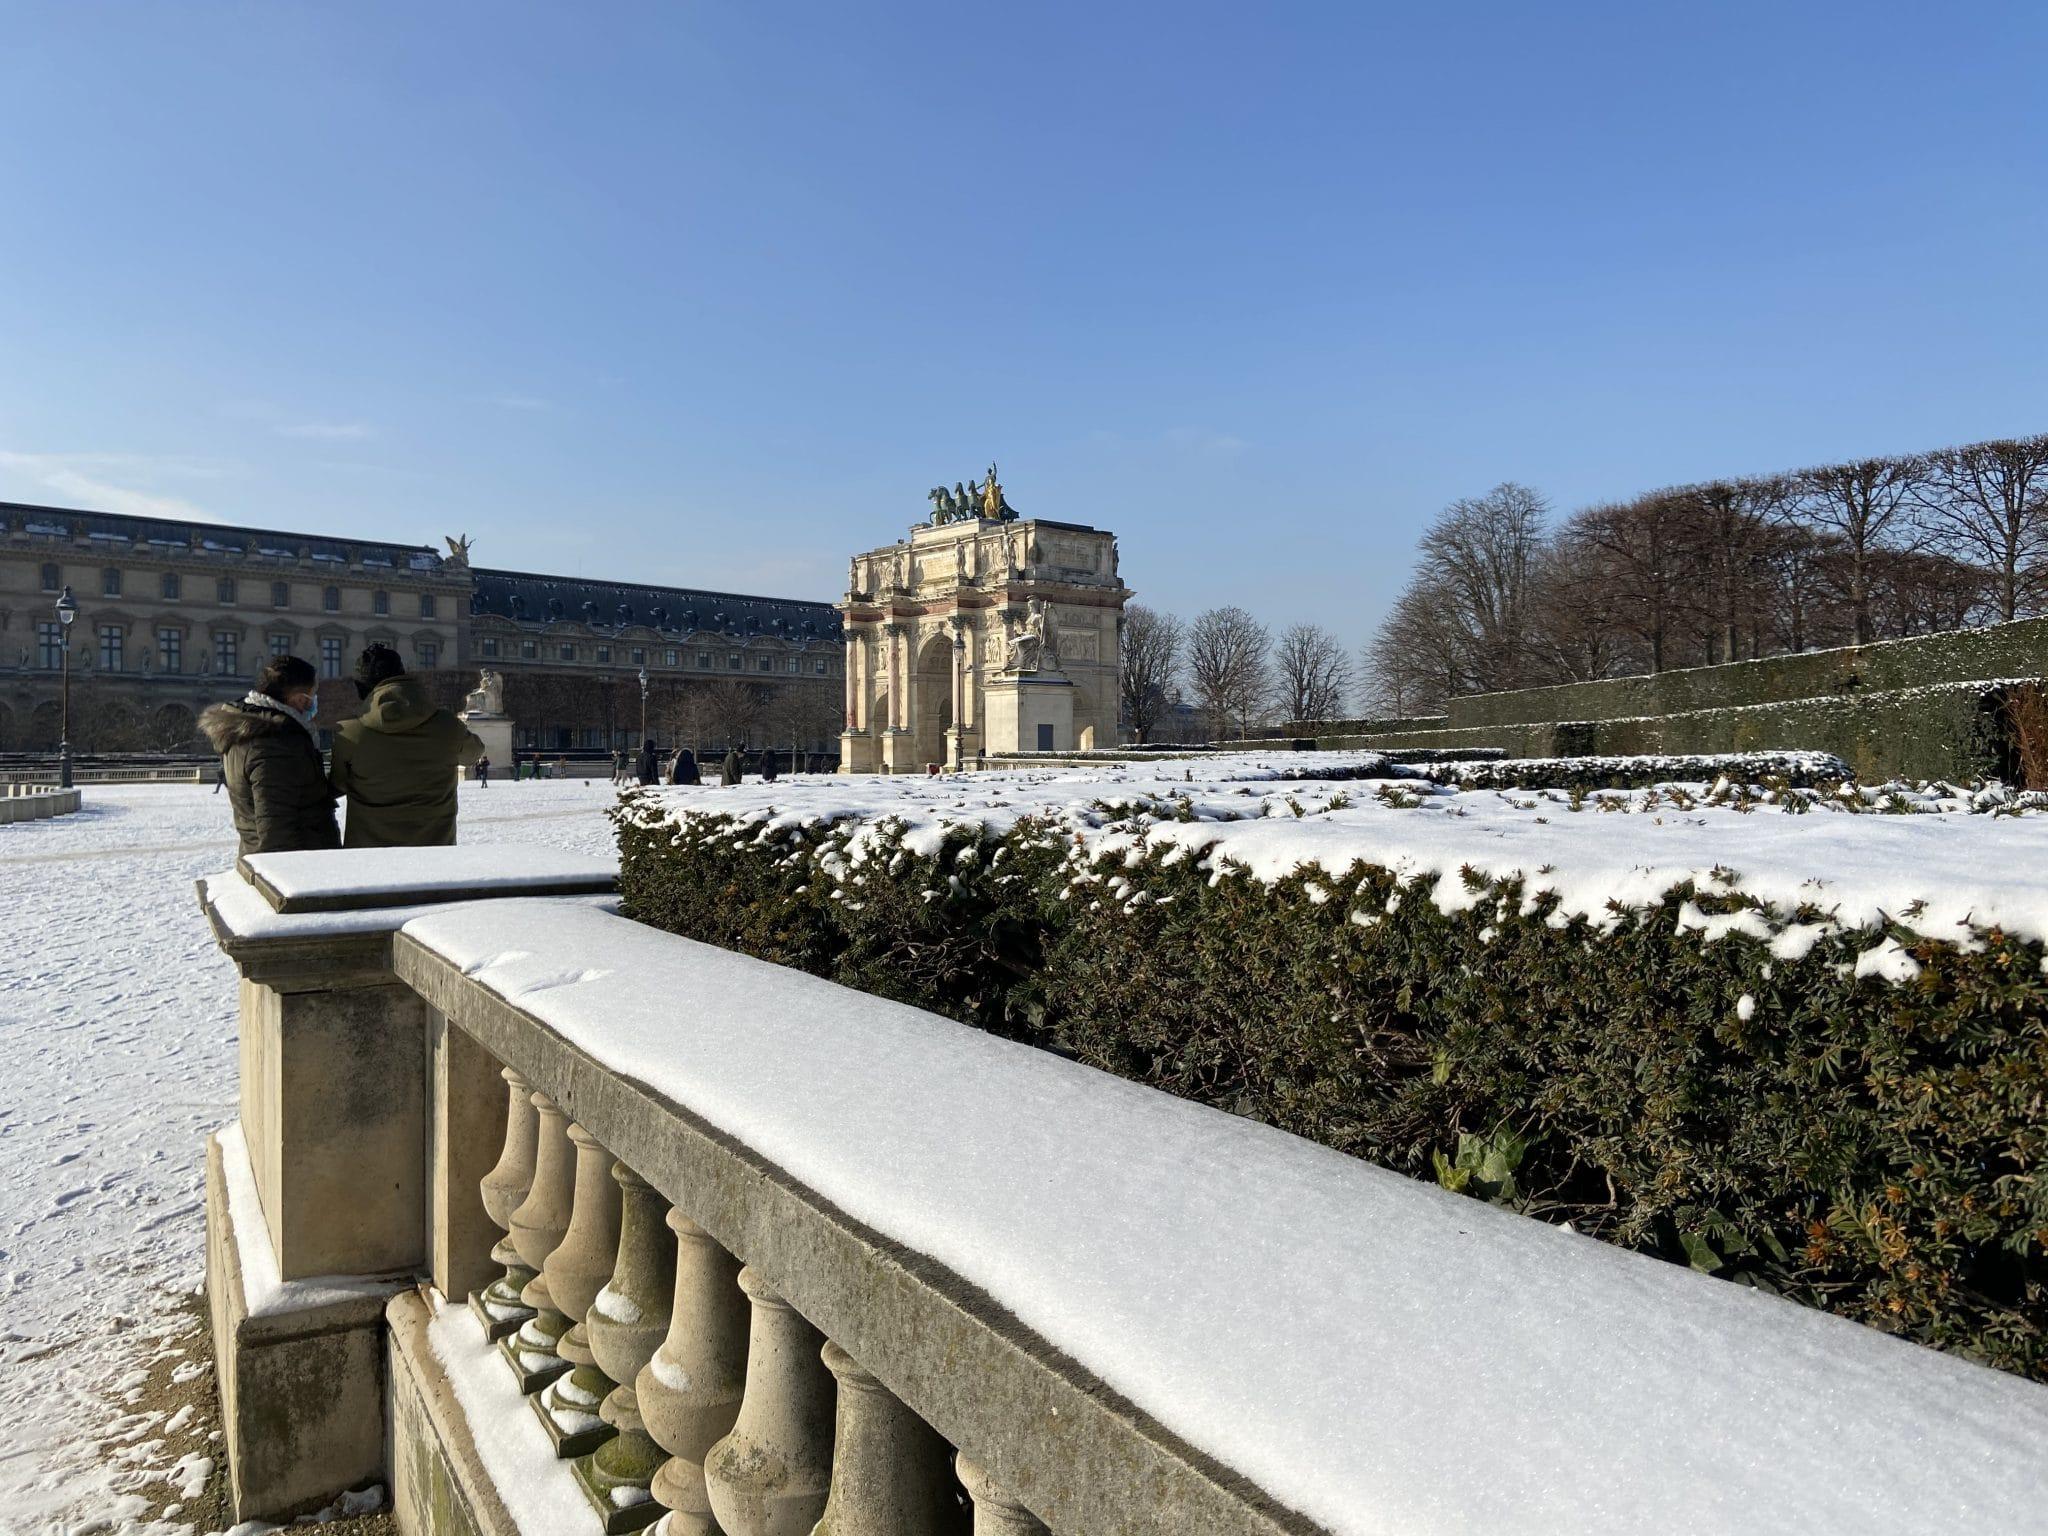 neige paris février hiver tuileries louvre parc